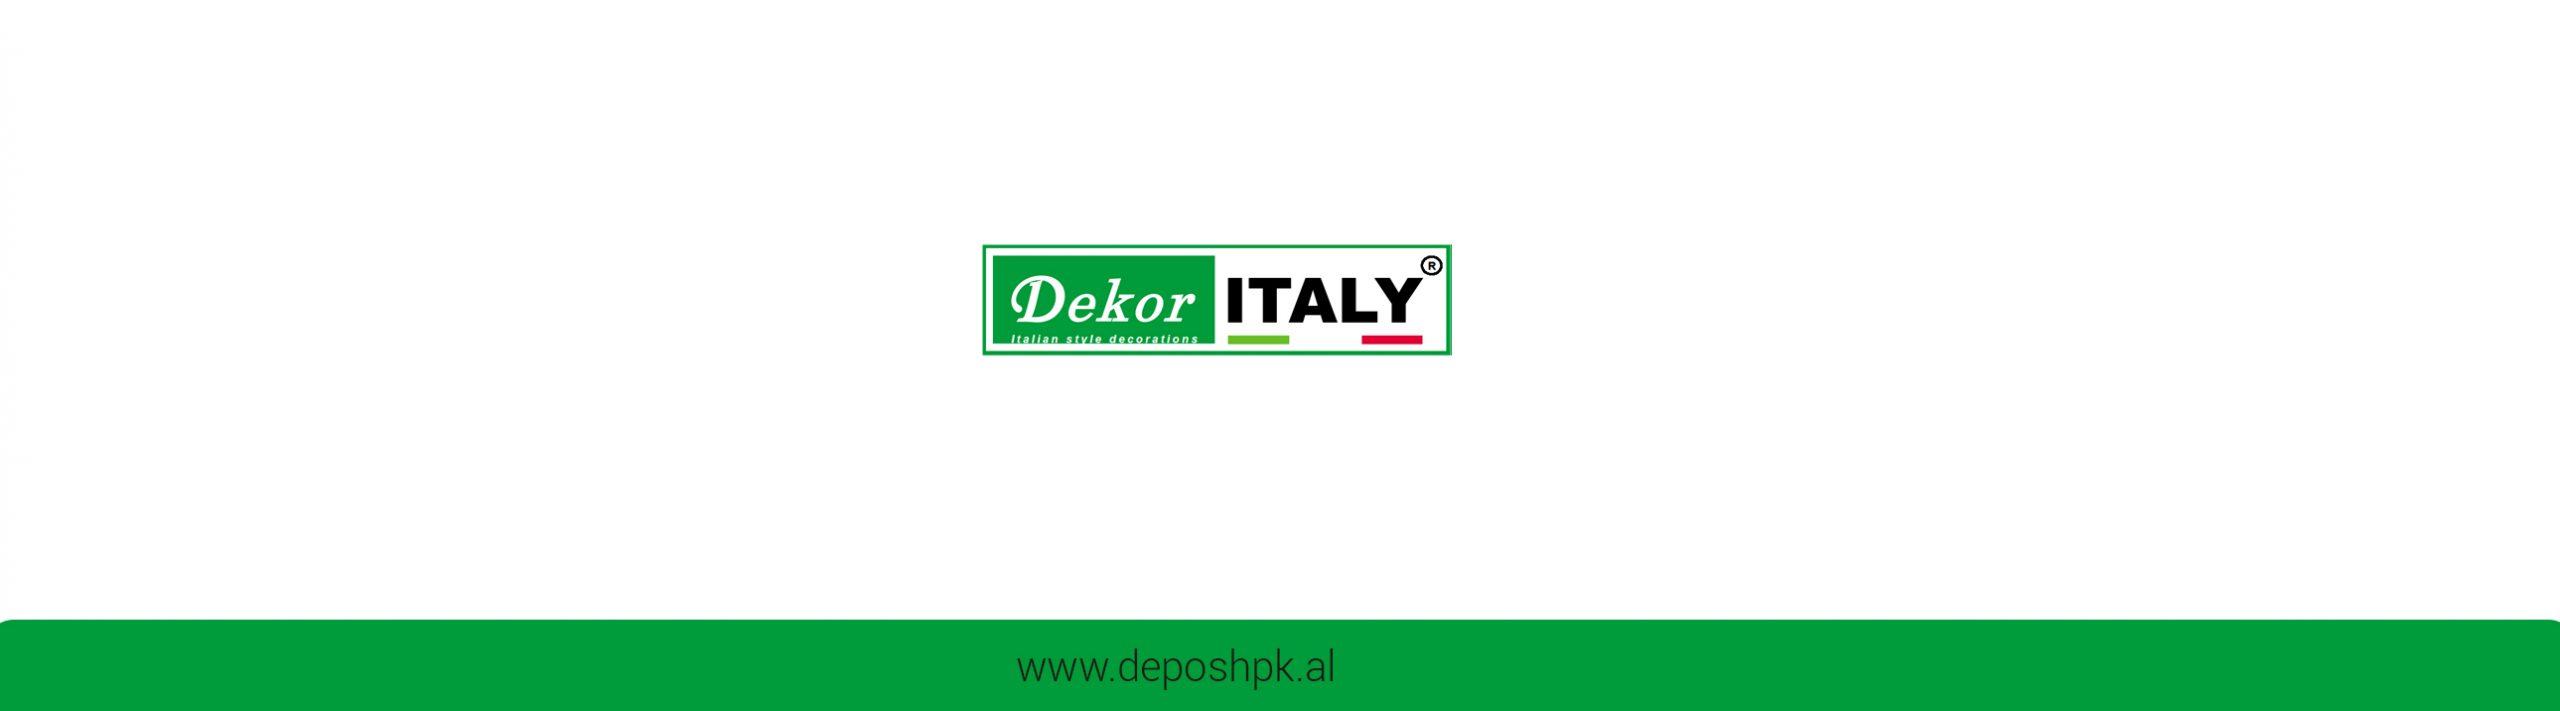 https://www.deposhpk.al/wp-content/uploads/2019/12/dekoritaly-produkt-deposhpk.al_-scaled.jpg